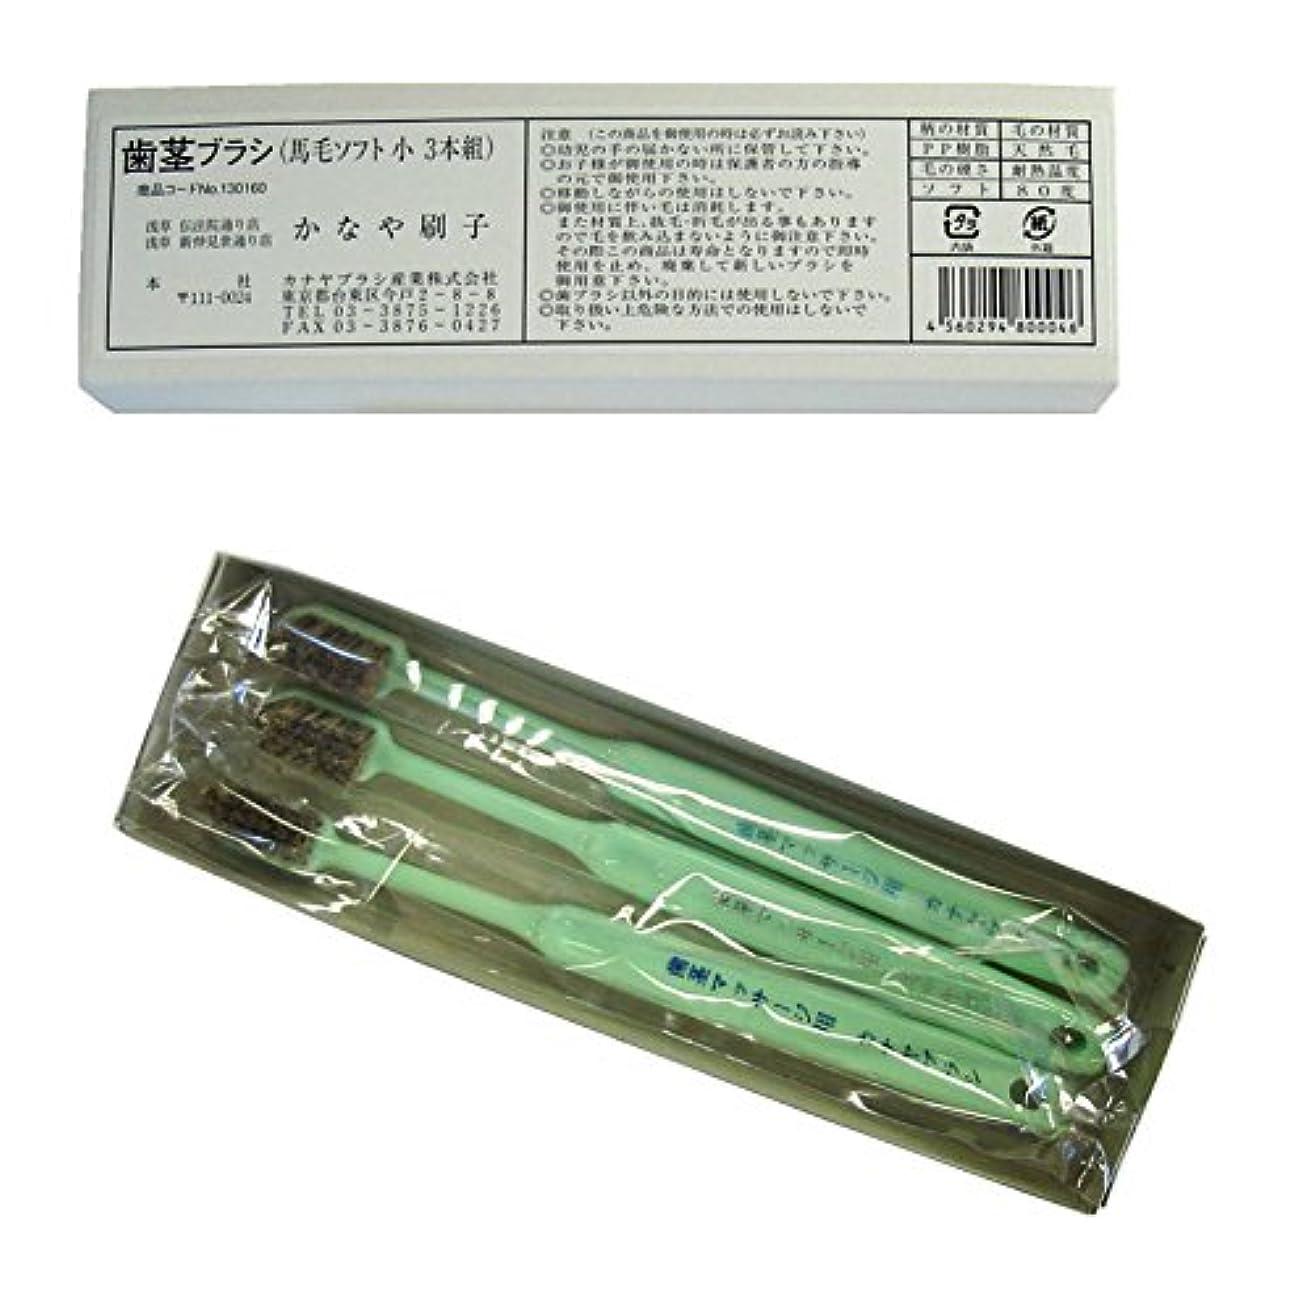 フラッシュのように素早く特許代理人馬毛歯茎ブラシ(3本入り) 絶品! カナヤブラシ製品 毛質:超ソフト